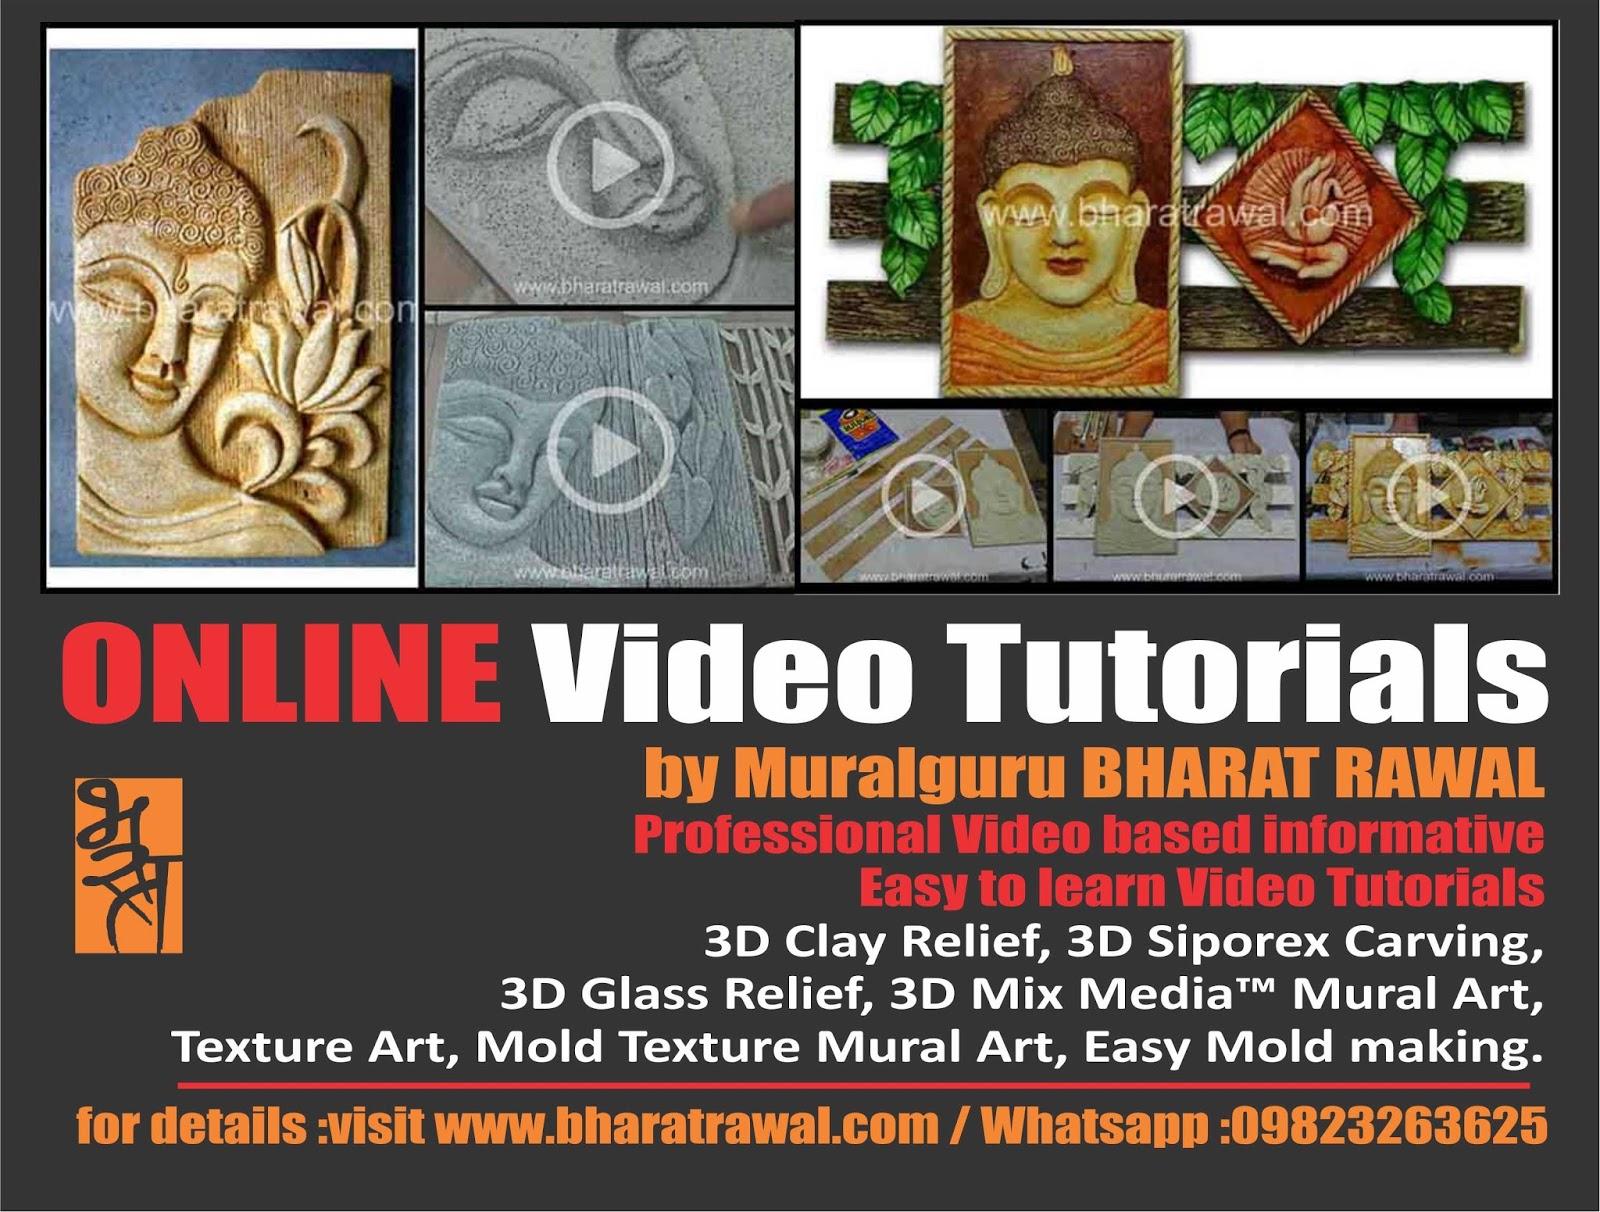 Mural art by muralguru bharat rawal august 2015 for 3d mural tutorial